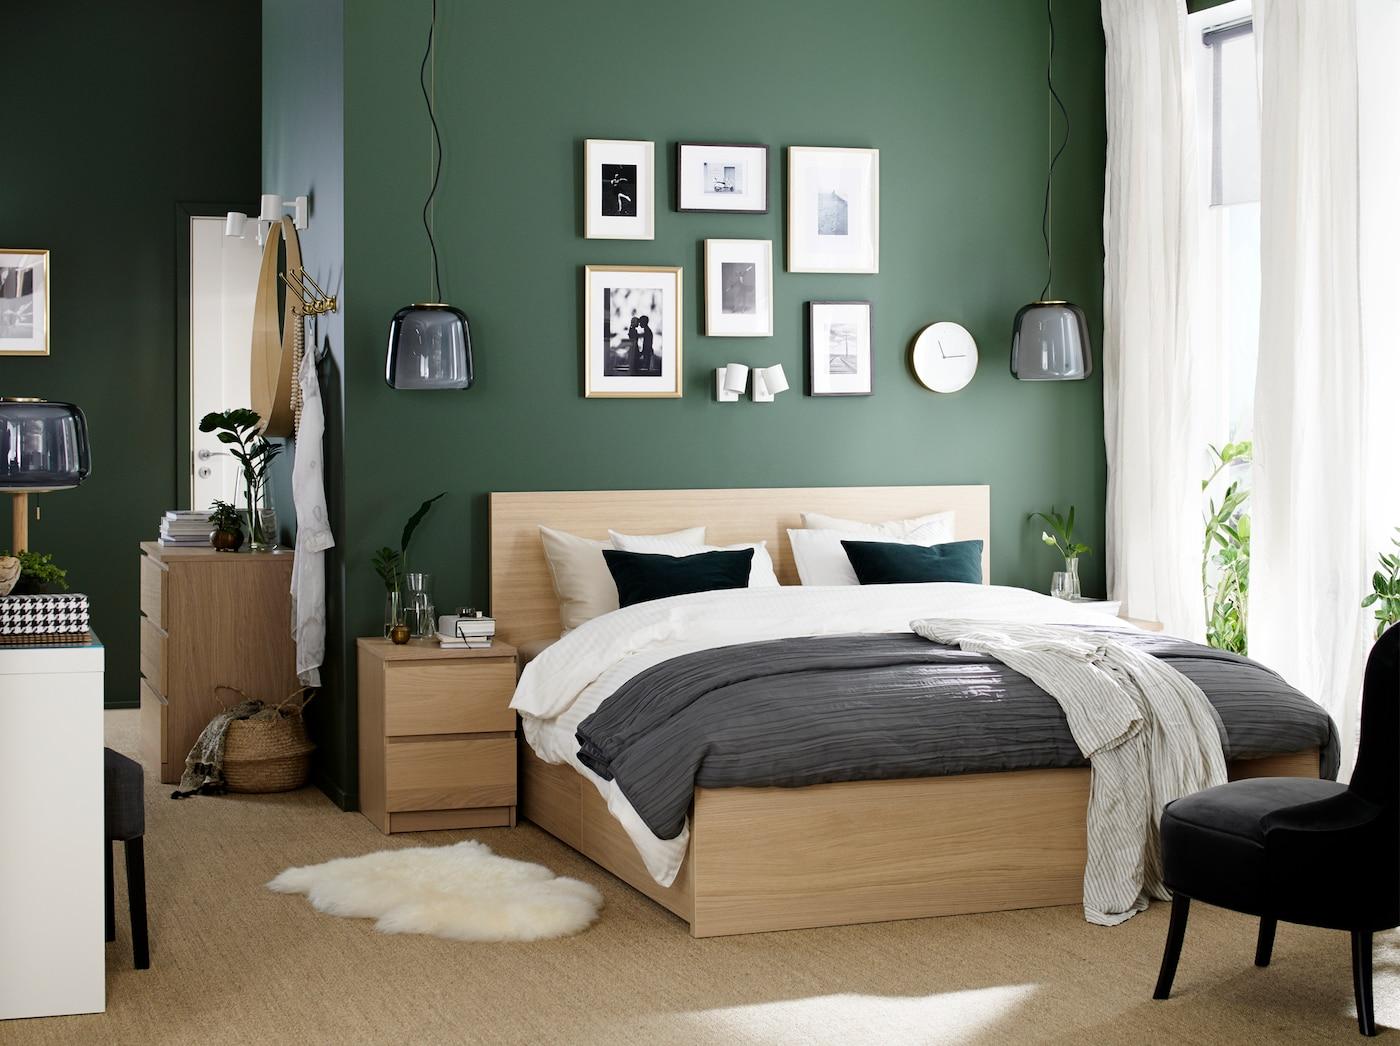 Dormitor cu un cadru de pat și noptieră din furnir de frasin maro băițuit, o măsuță de toaletă albă și un fotoliu gri.